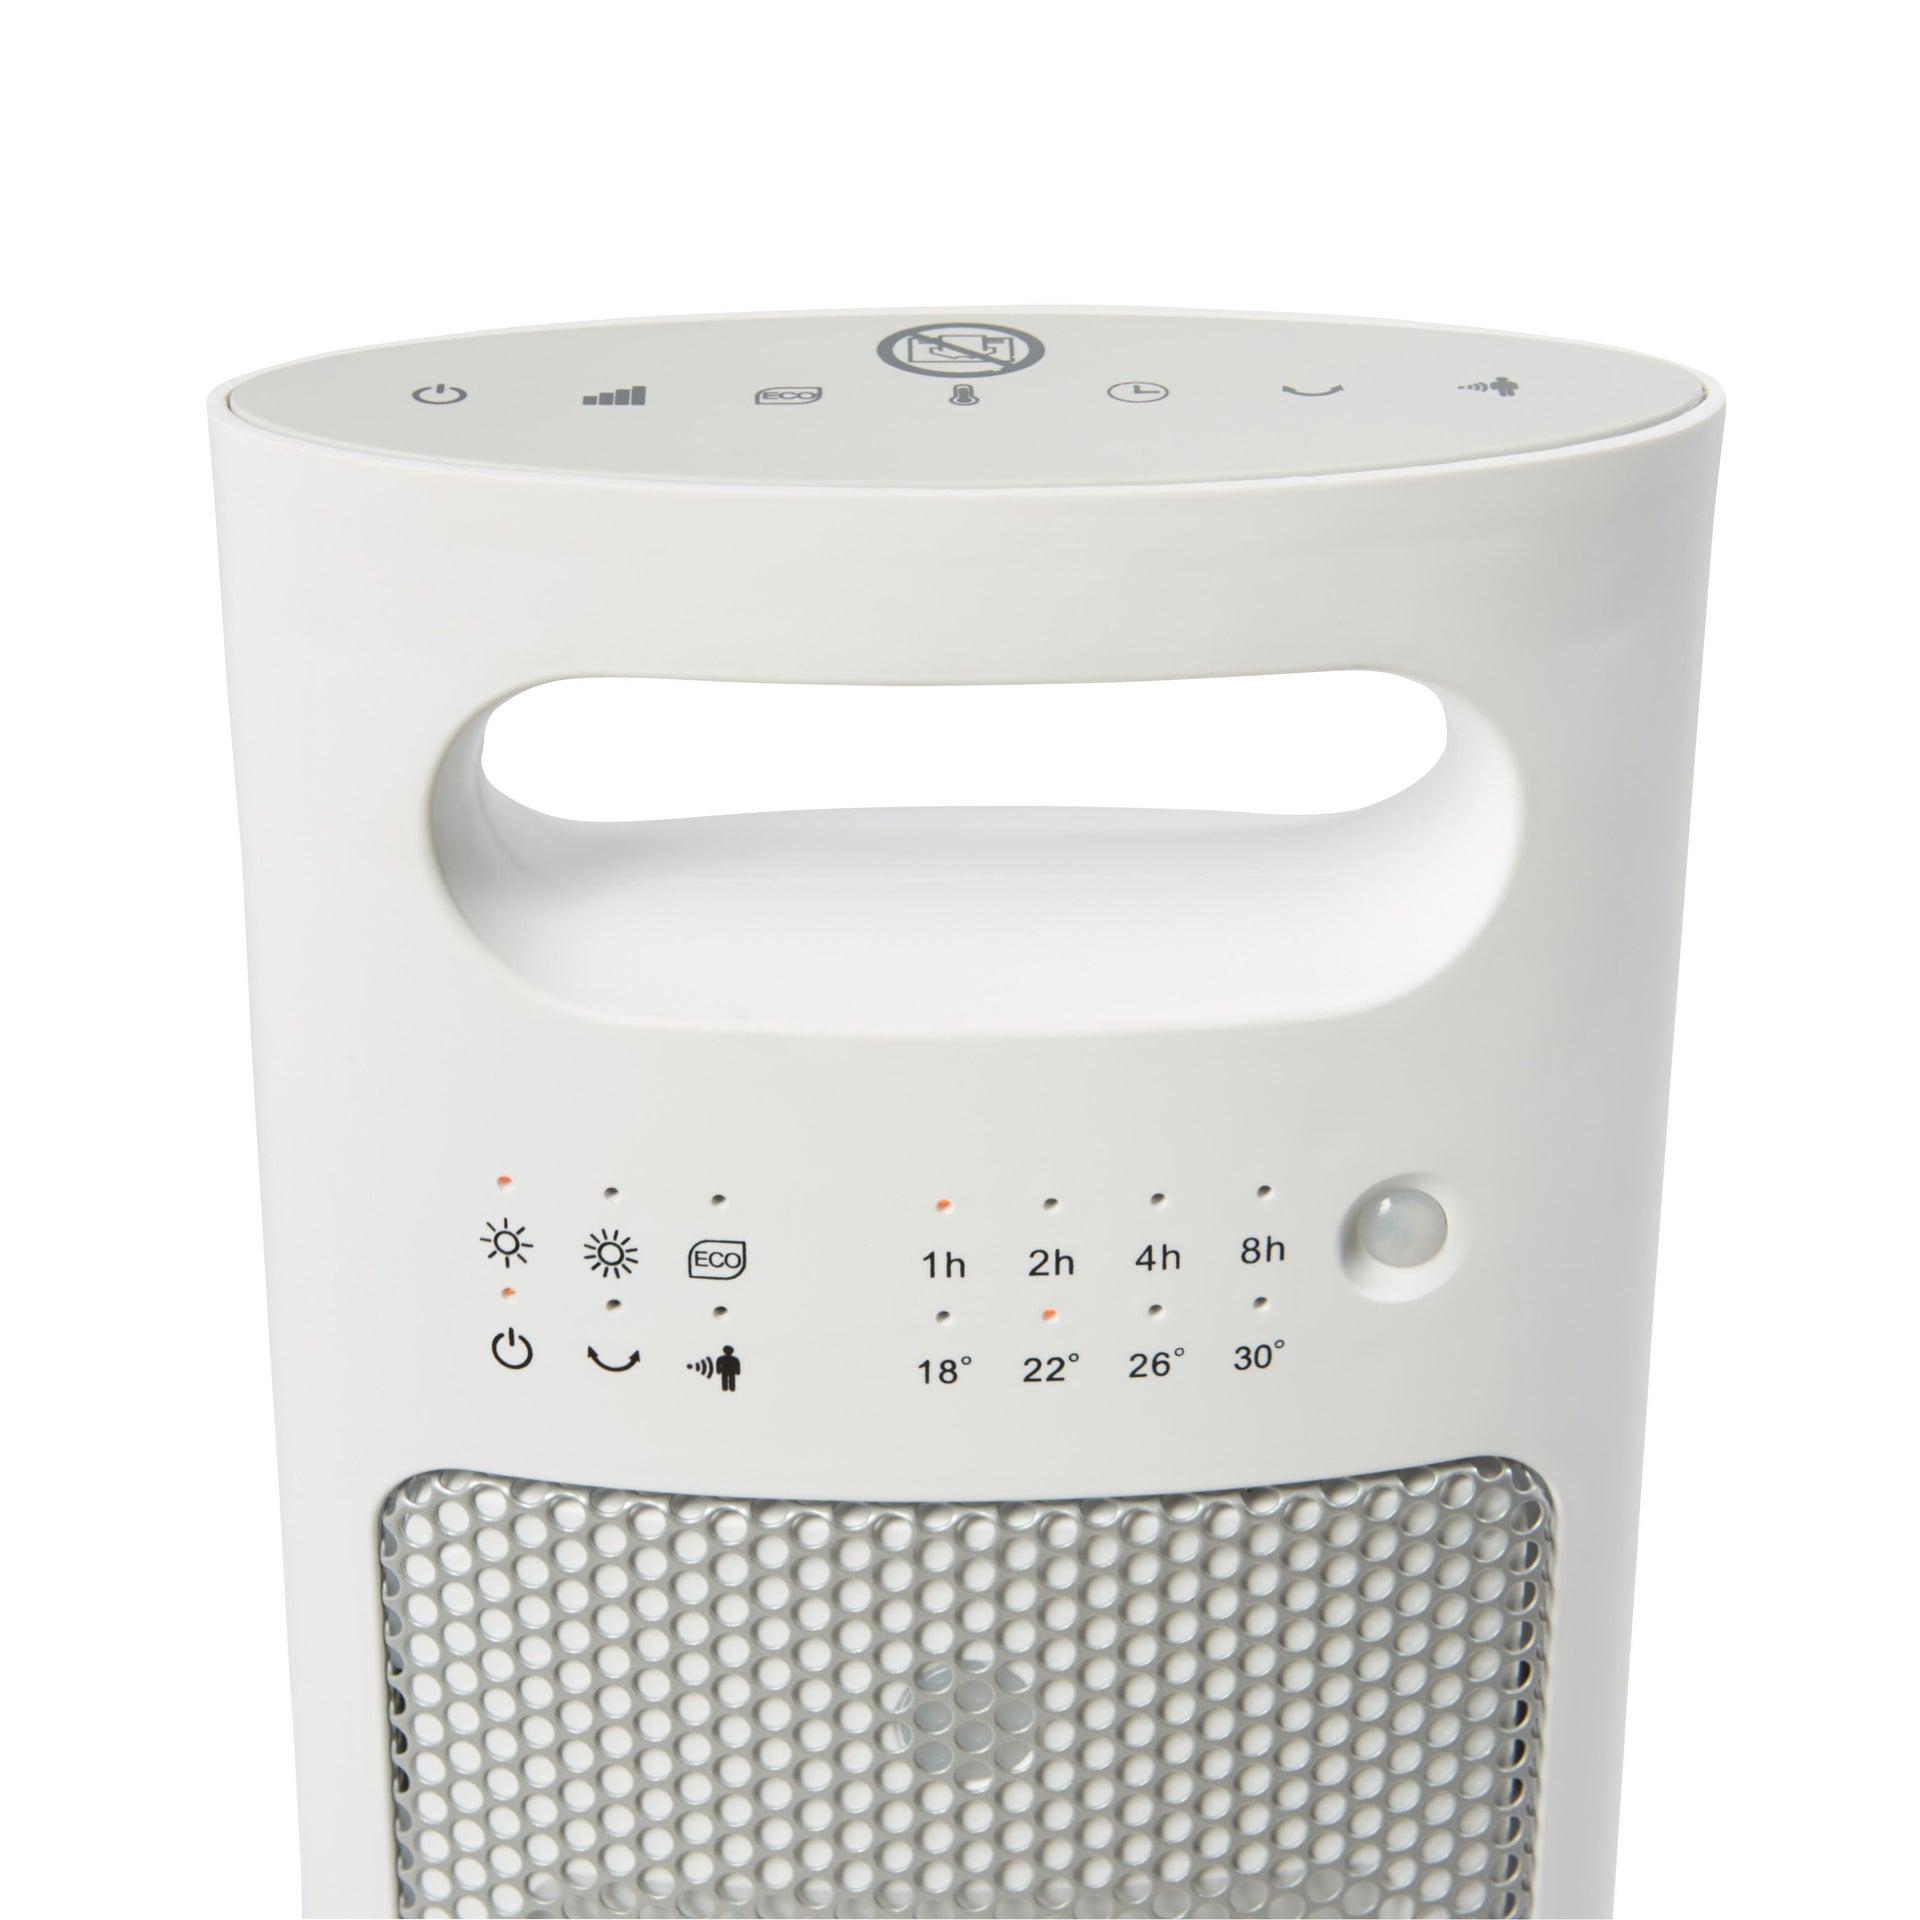 Termoventilatore elettrico EQUATION Presence bianco 2500 W - 10